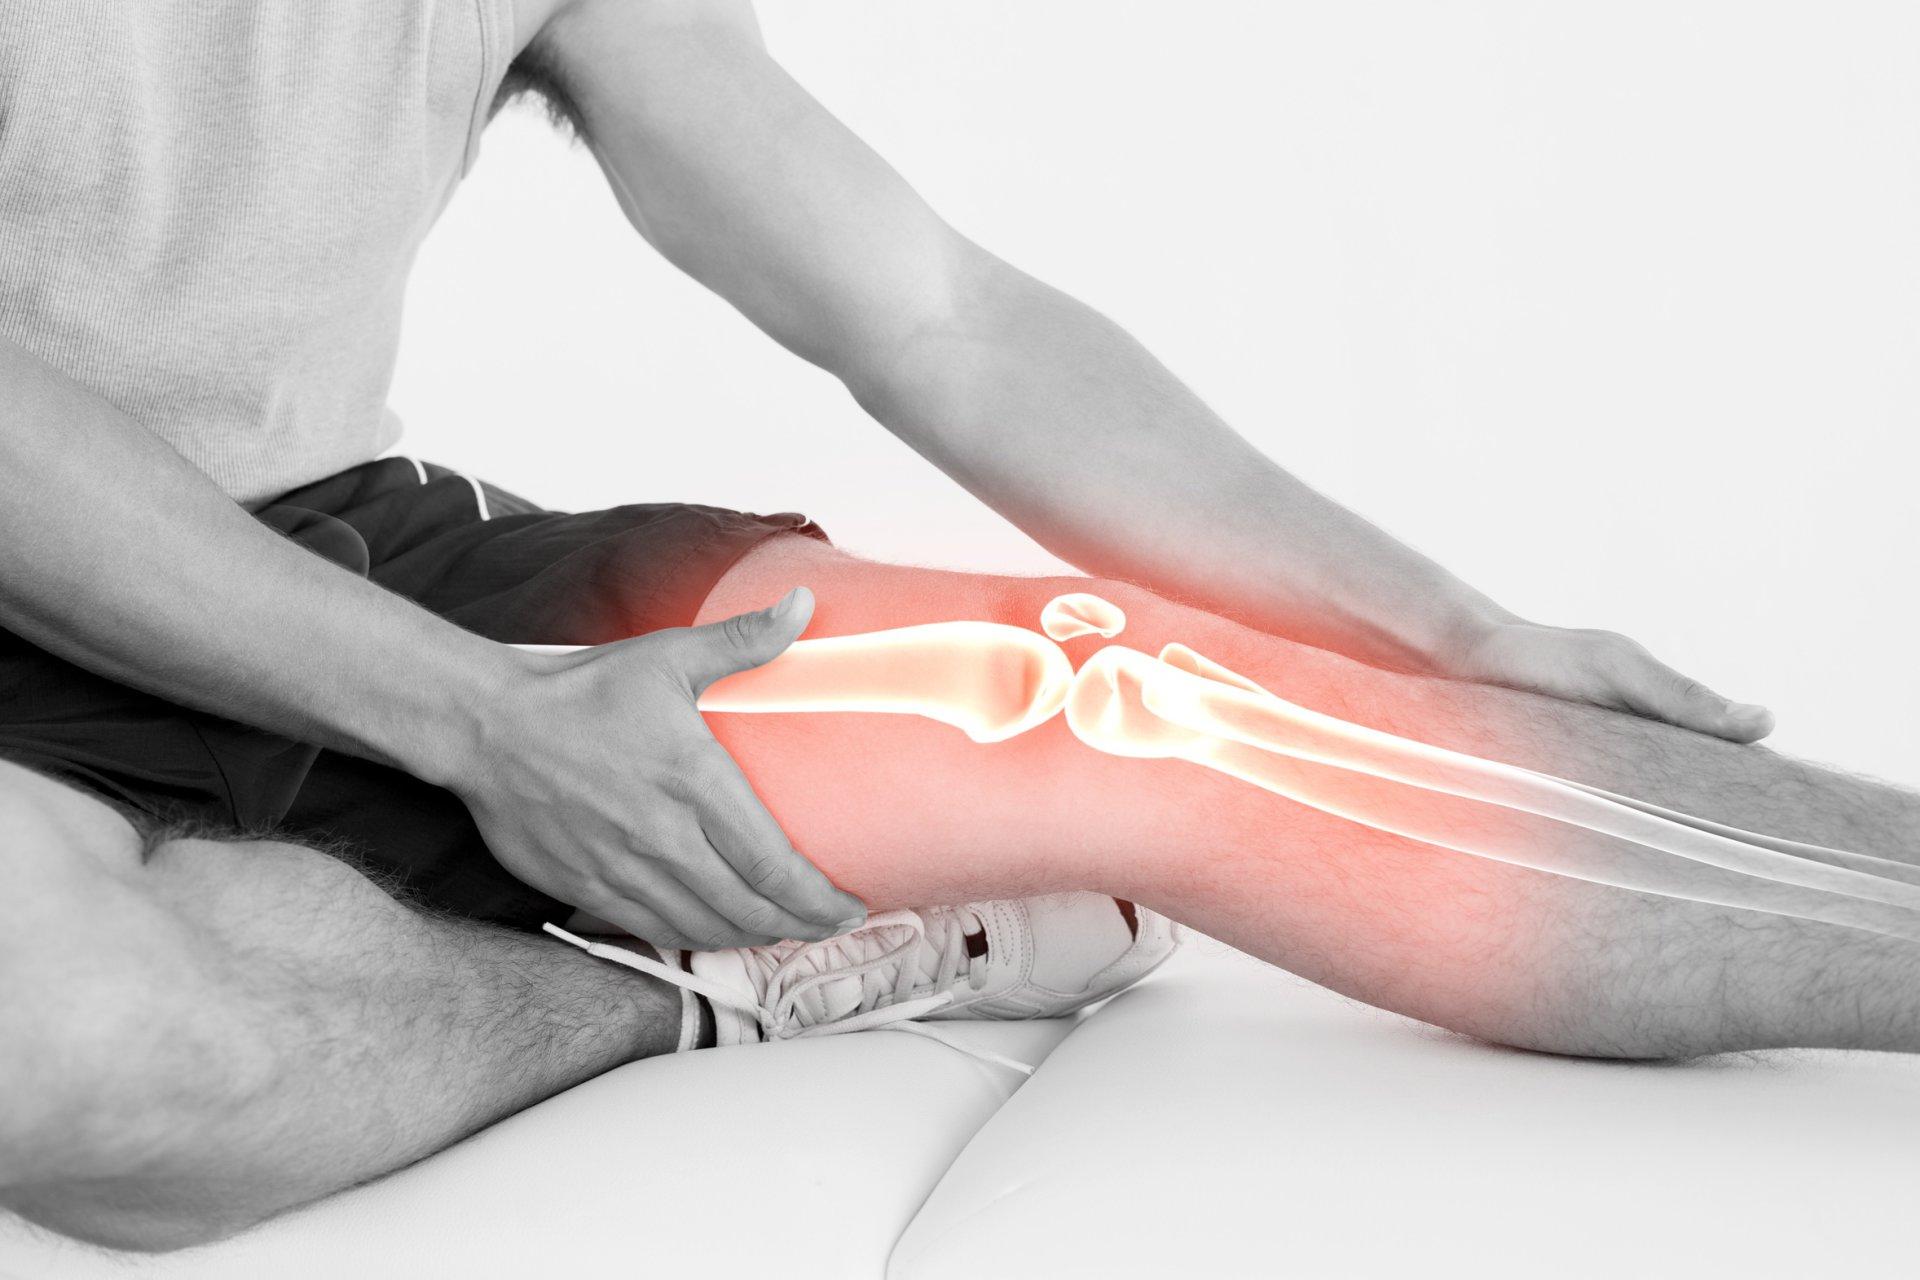 vyrai sąnarių skausmas skausmas alkūnės sąnario į ką kreiptis